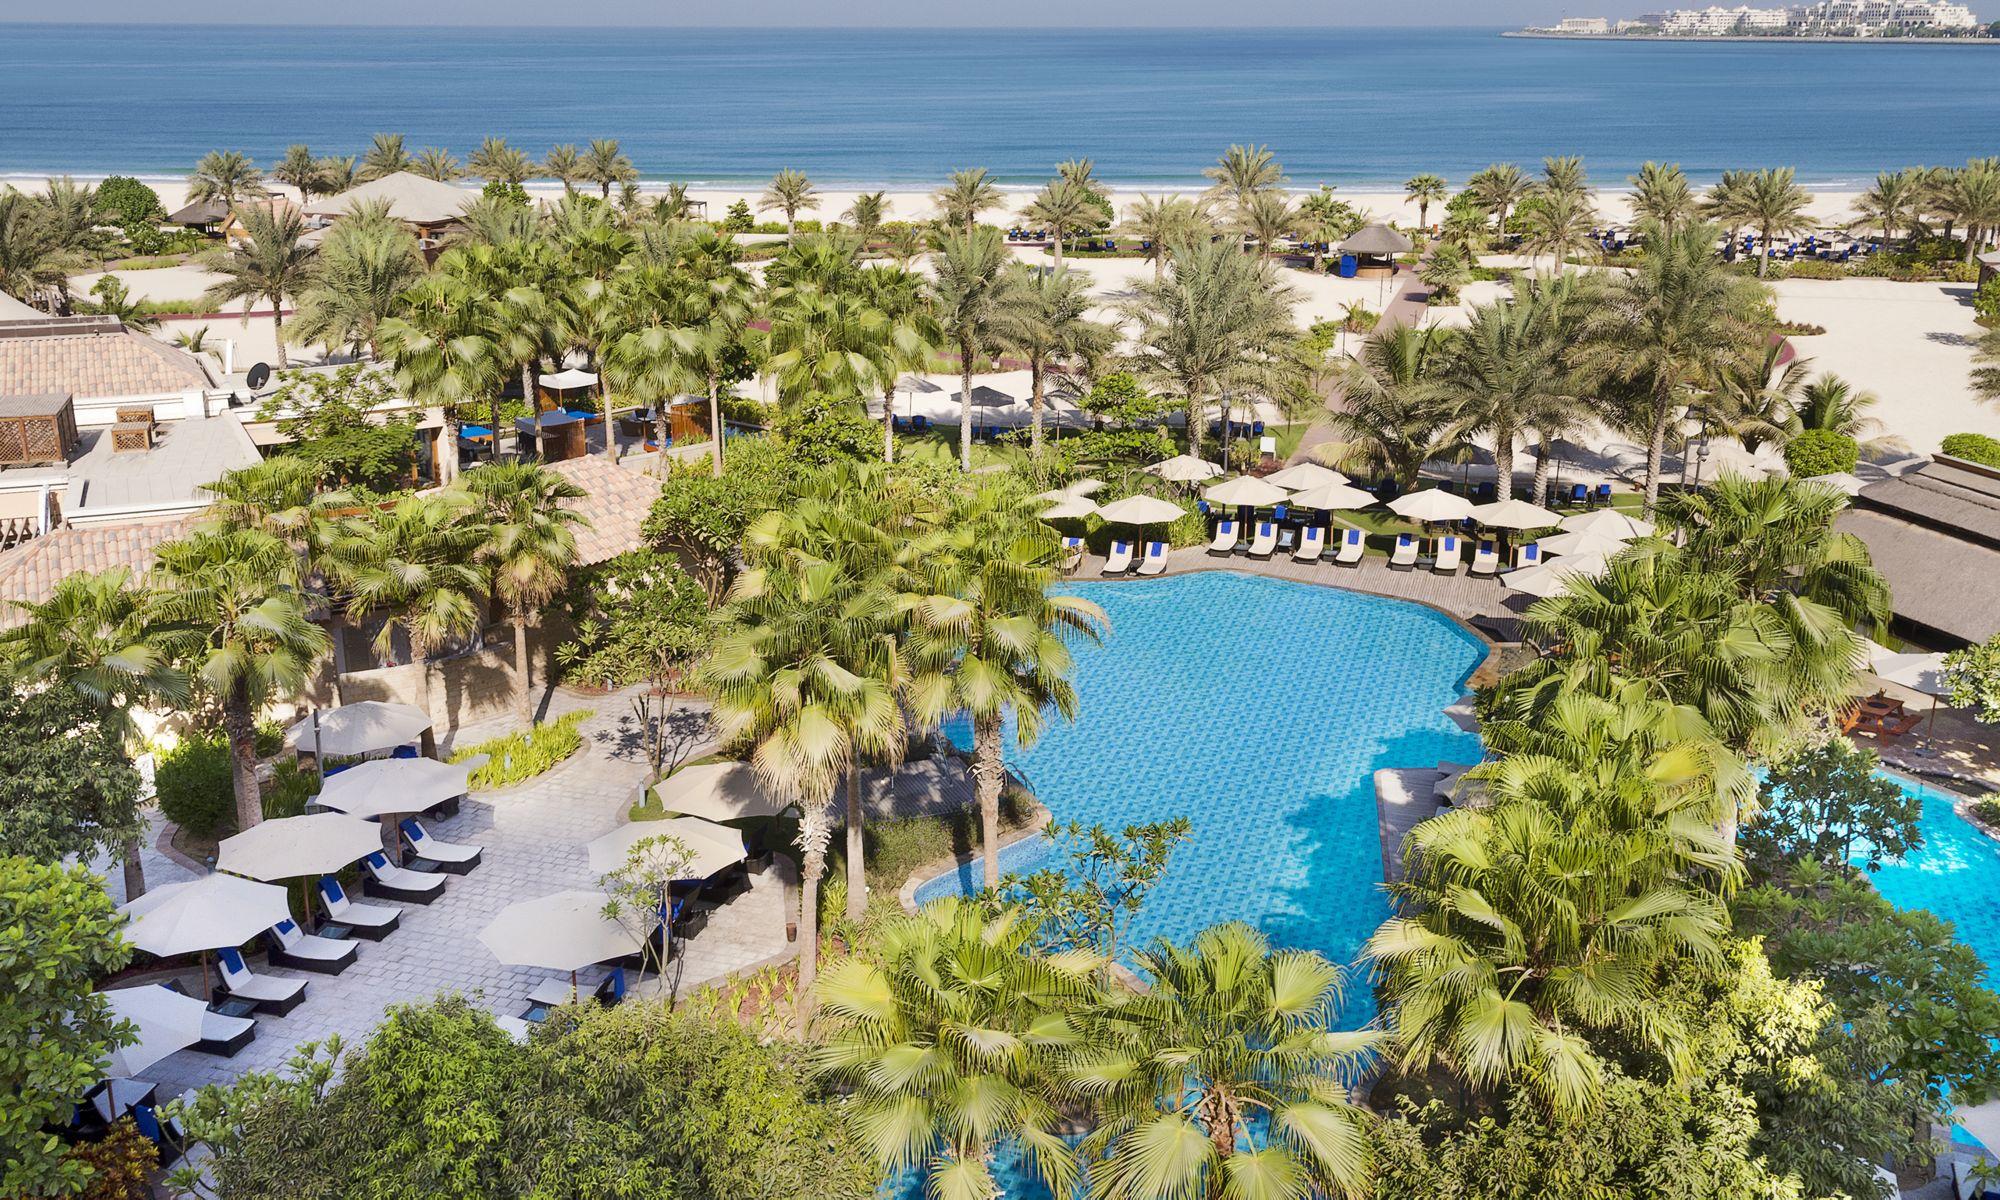 Five Star Beach Hotel In Dubai Marina The Ritz Carlton Dubai